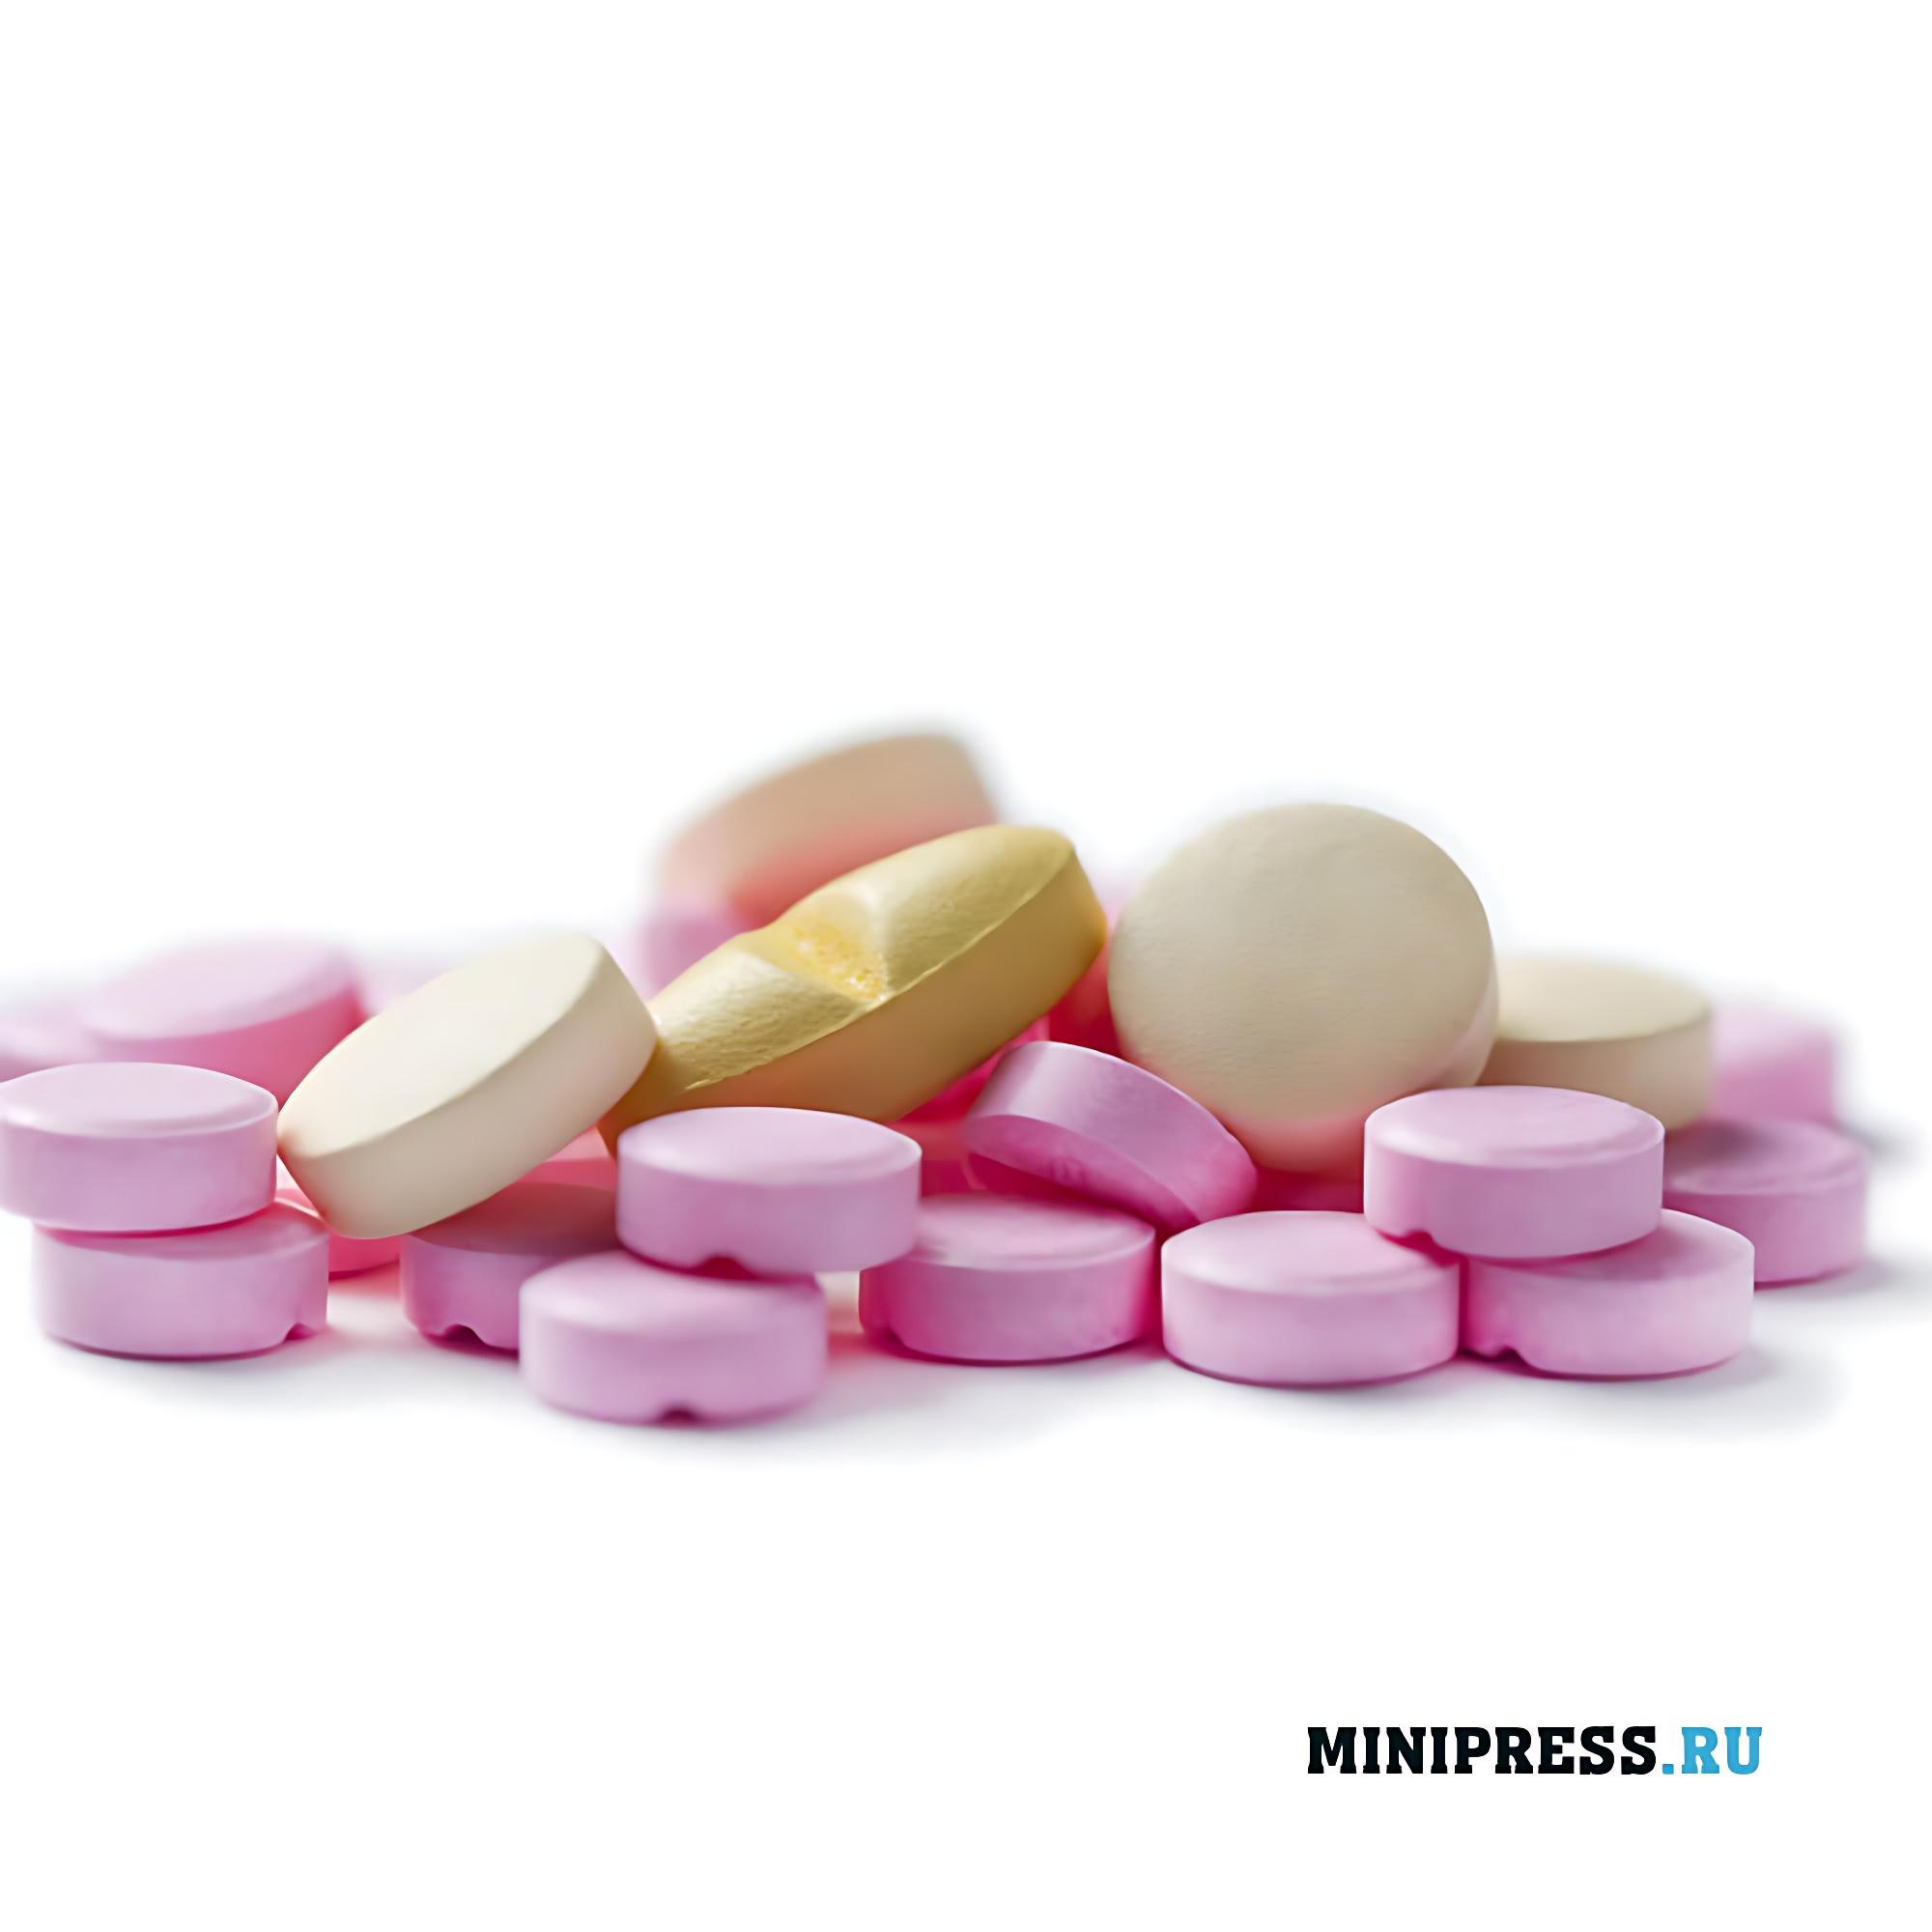 Гранулы для производства таблеток